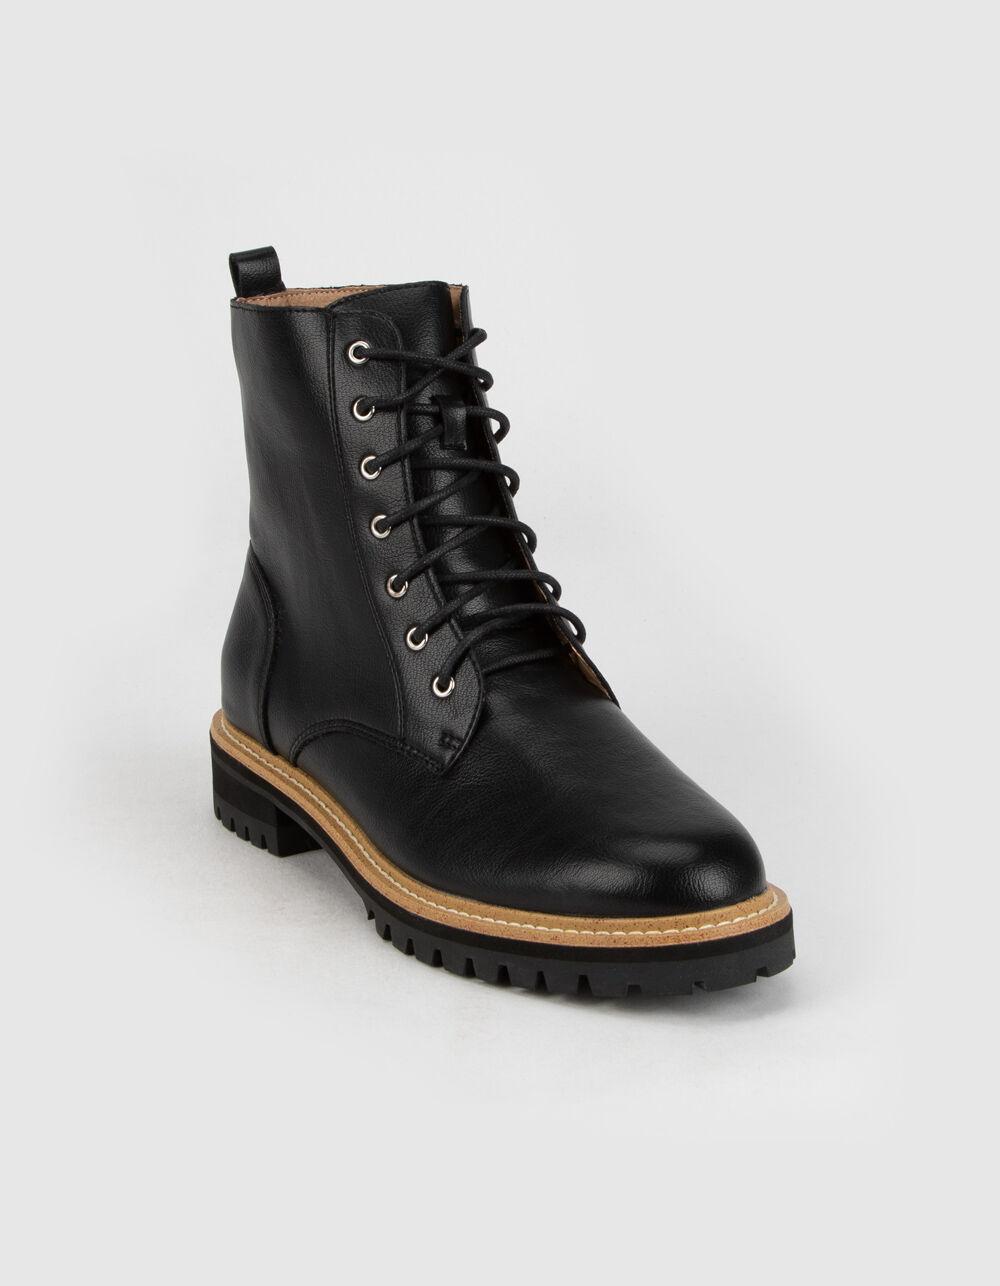 MI.IM Drew Black Combat Boots